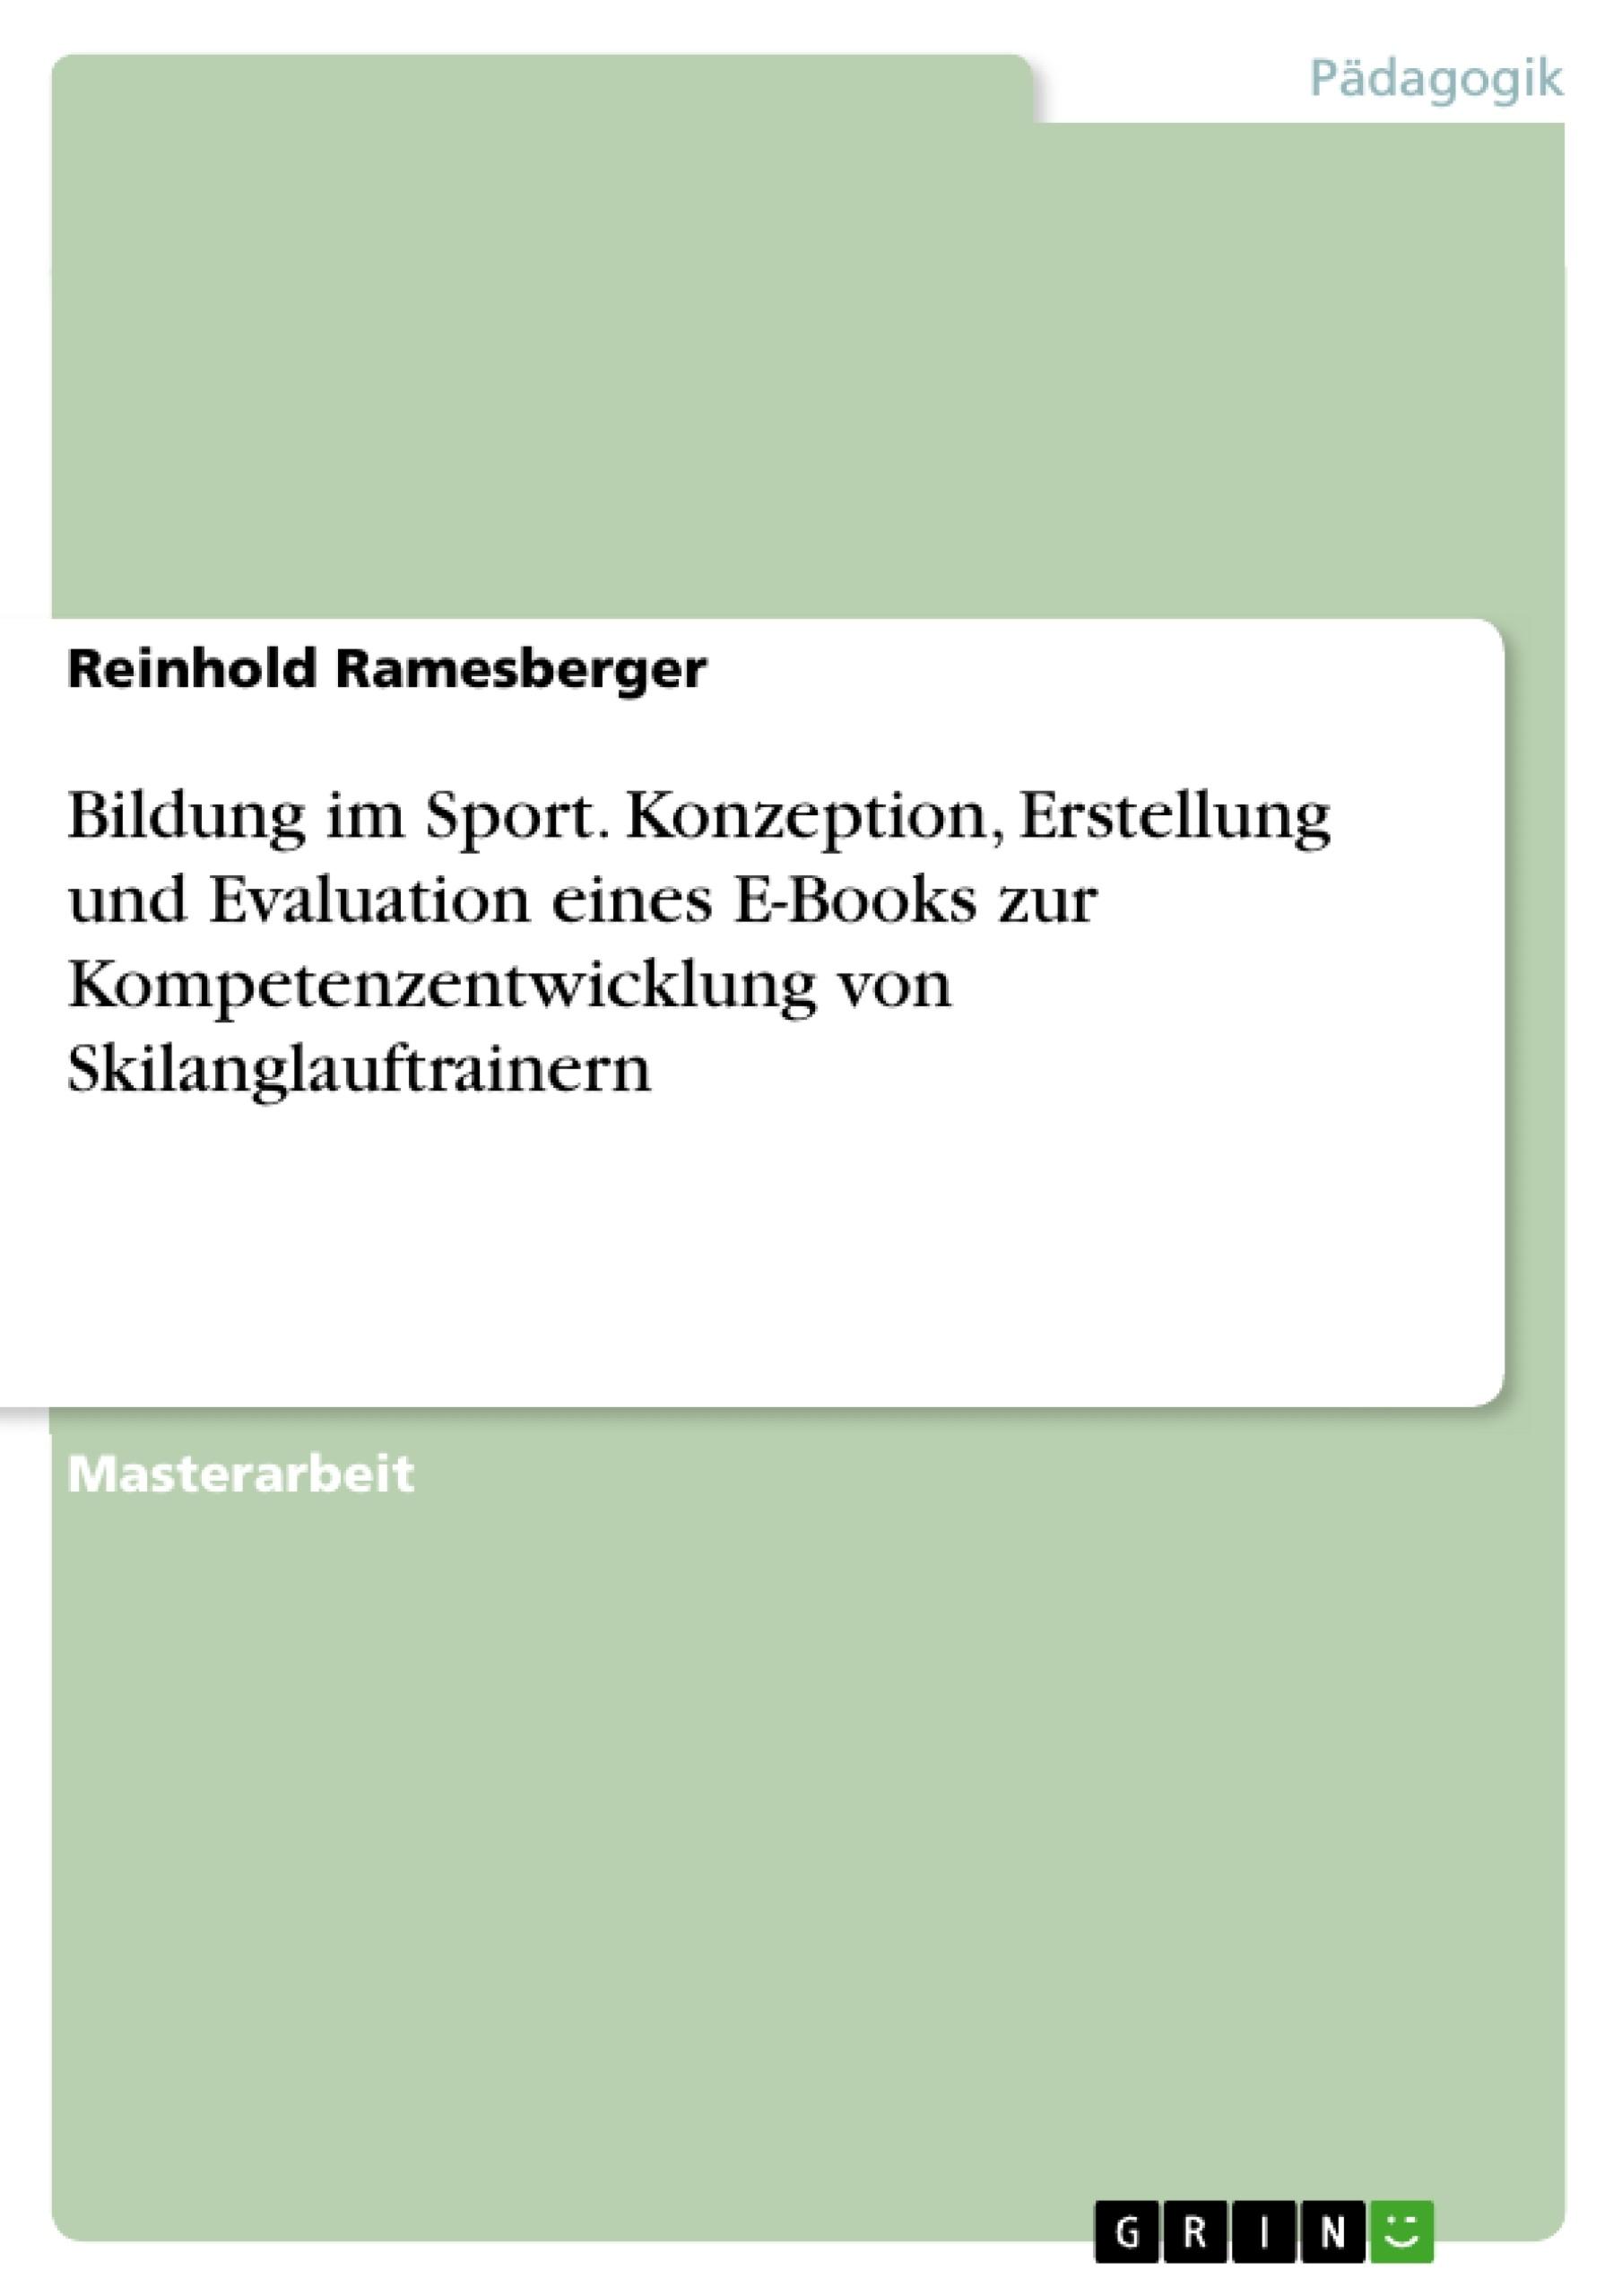 Titel: Bildung im Sport. Konzeption, Erstellung und Evaluation eines E-Books zur Kompetenzentwicklung von Skilanglauftrainern